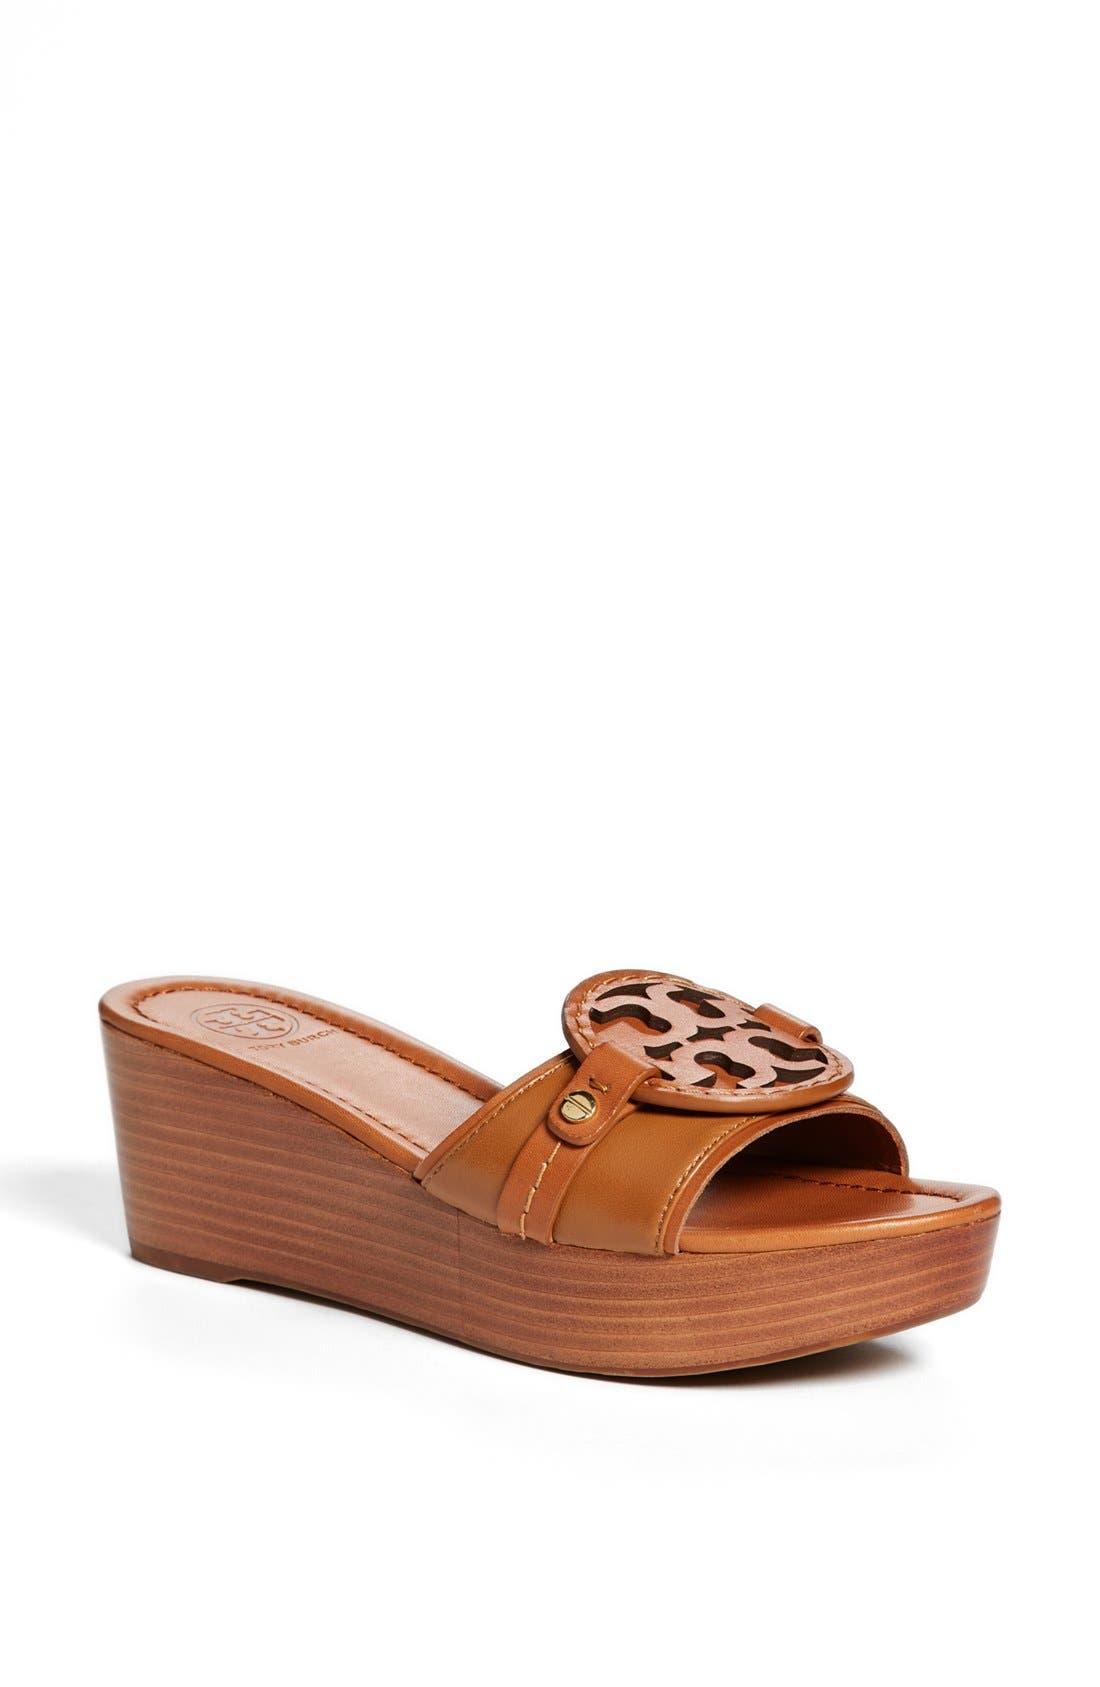 Main Image - Tory Burch 'Madalena' Platform Slide Sandal (Online Only)